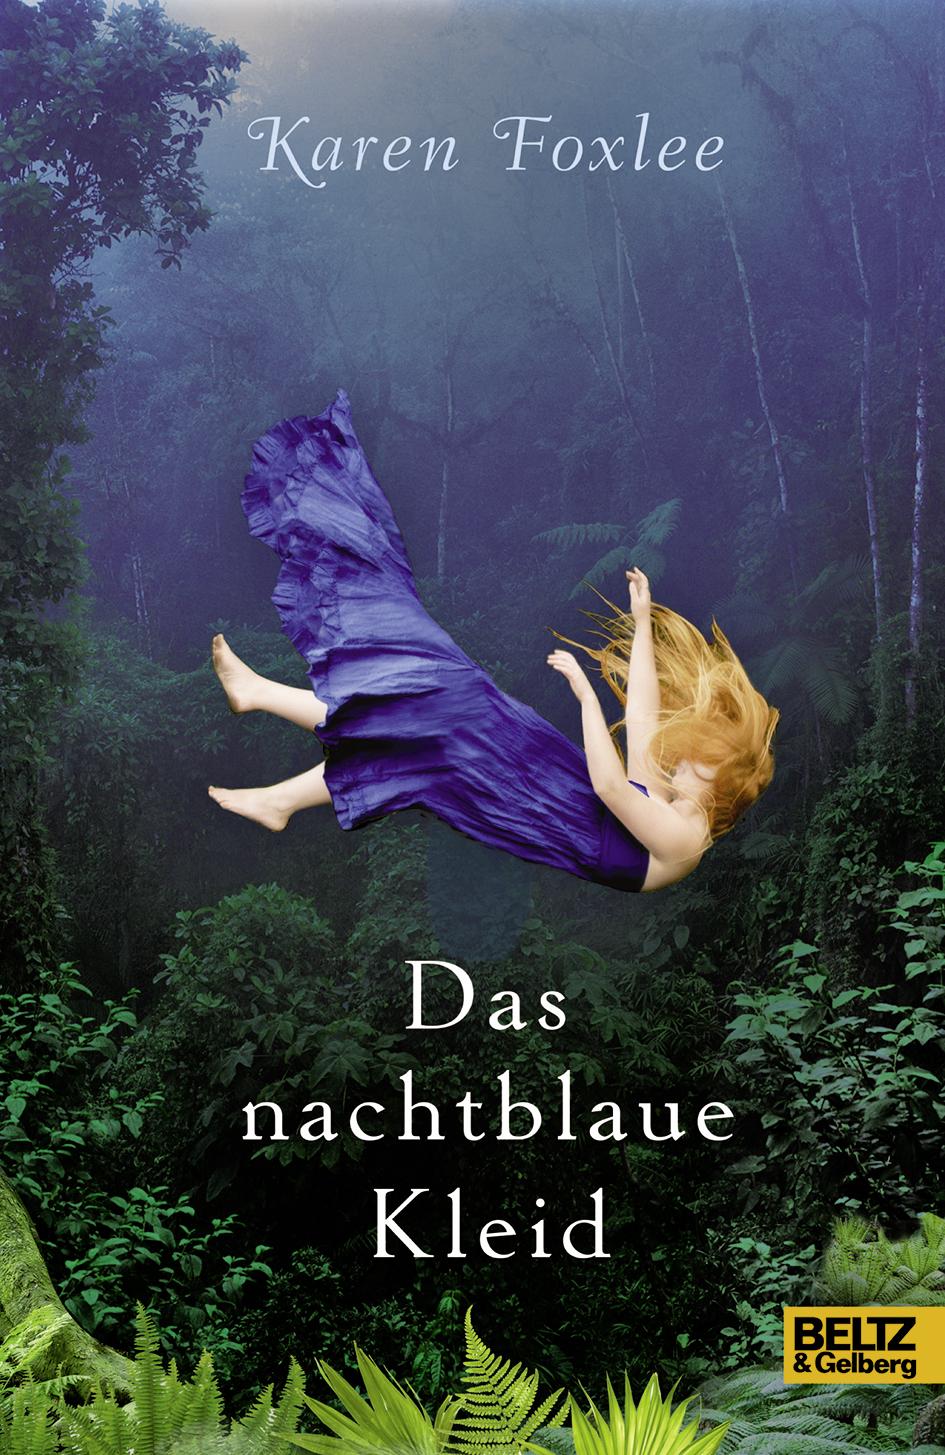 [Special Rezension | ZeilenSprung] Das nachtblaue Kleid von Karen Foxlee